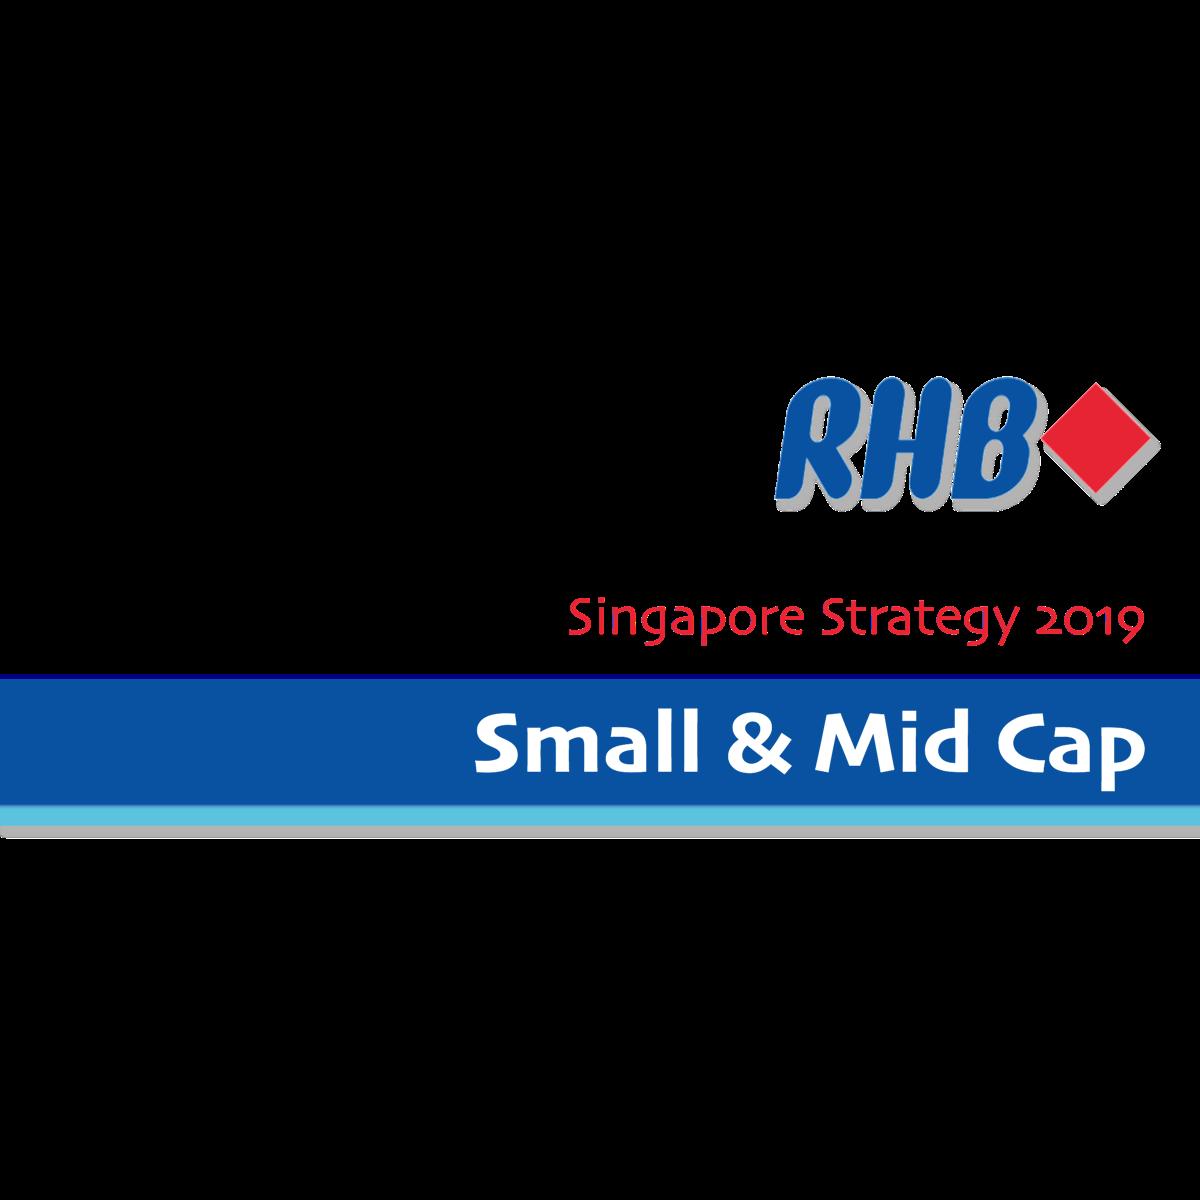 Small Mid Cap Highlights - RHB Invest | SGinvestors.io